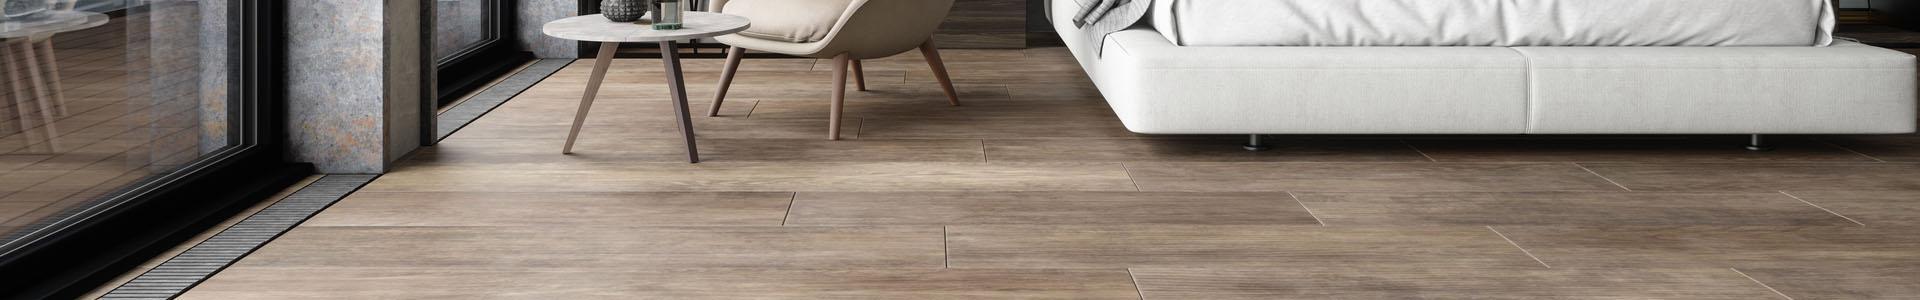 Podłoga w salonie